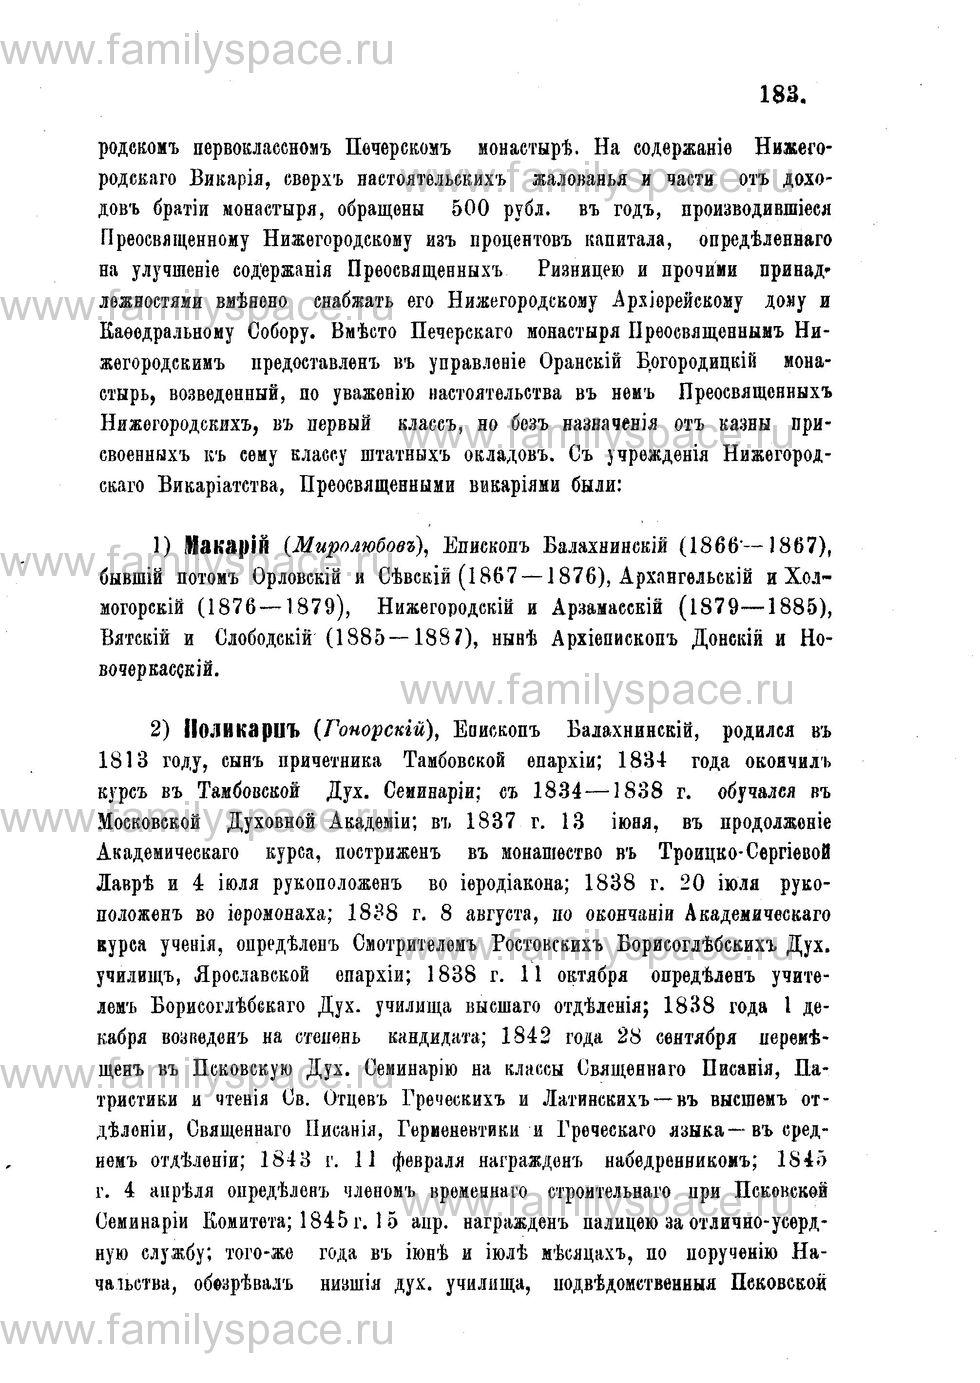 Поиск по фамилии - Адрес-календарь Нижегородской епархии на 1888 год, страница 1183